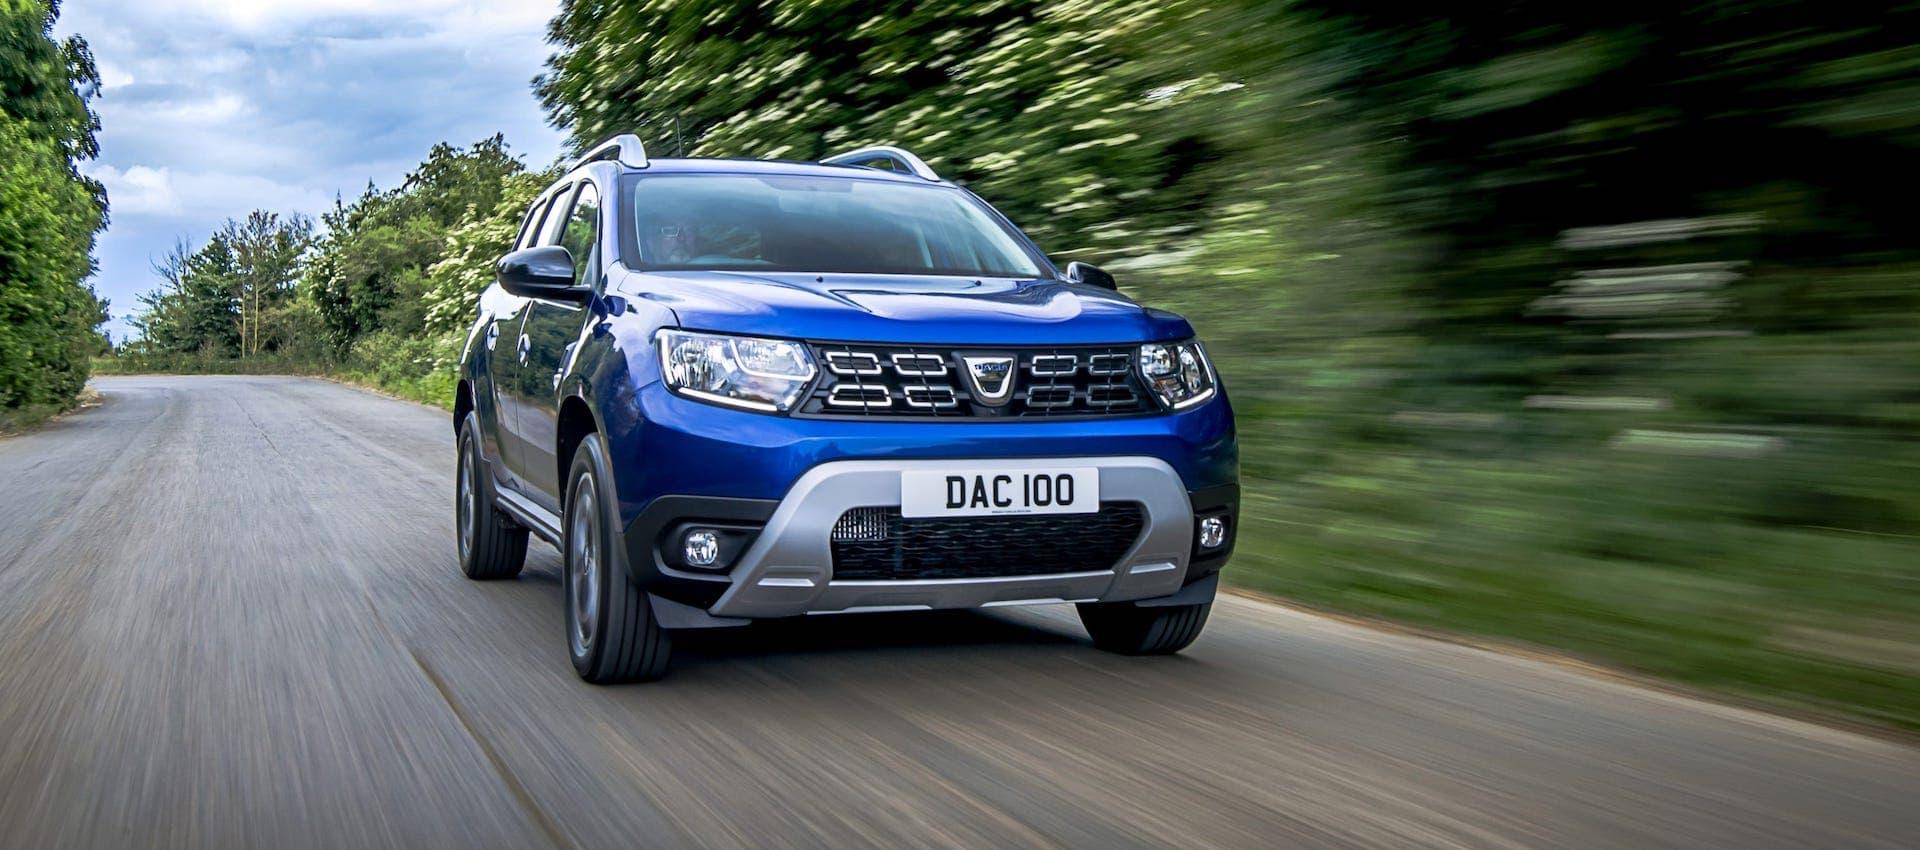 2020 Dacia Duster Bi-Fuel review